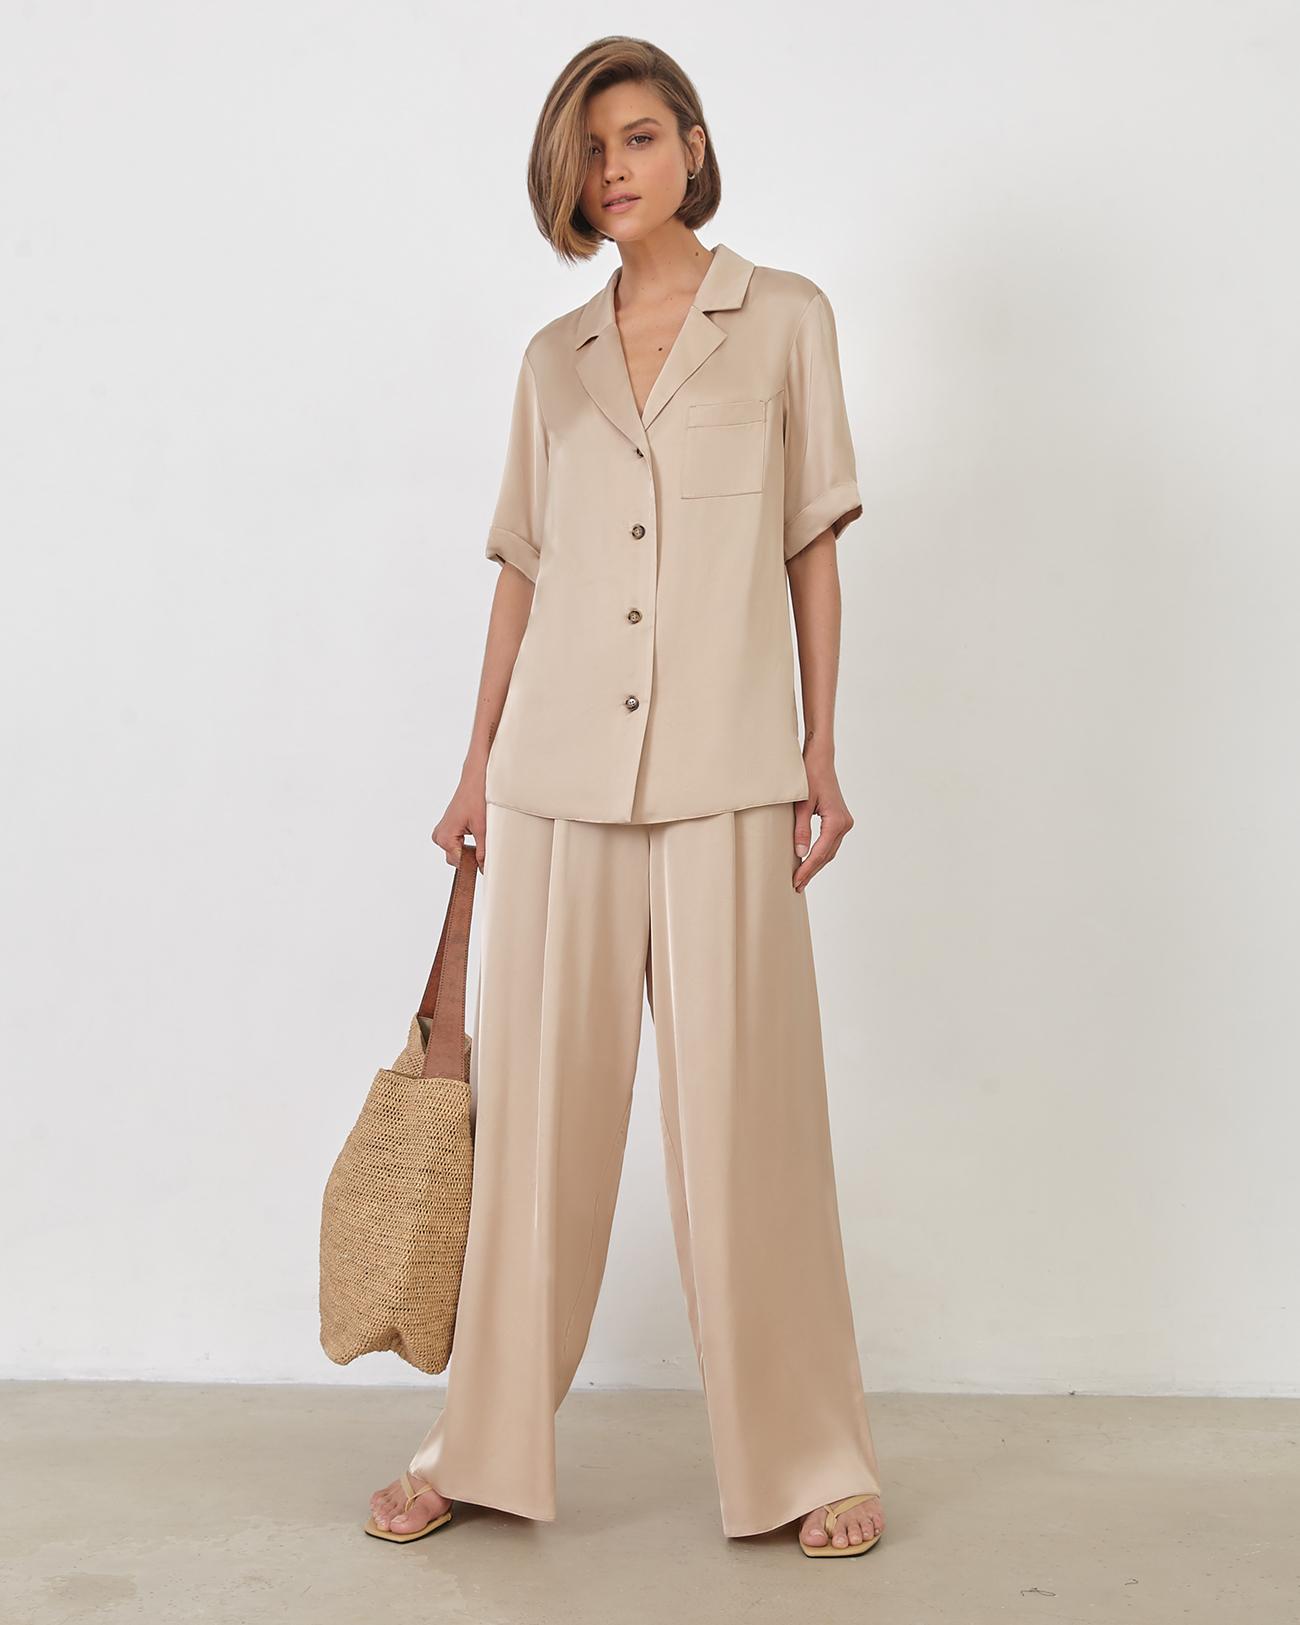 Блуза с коротким рукавом бежевого цвета фото